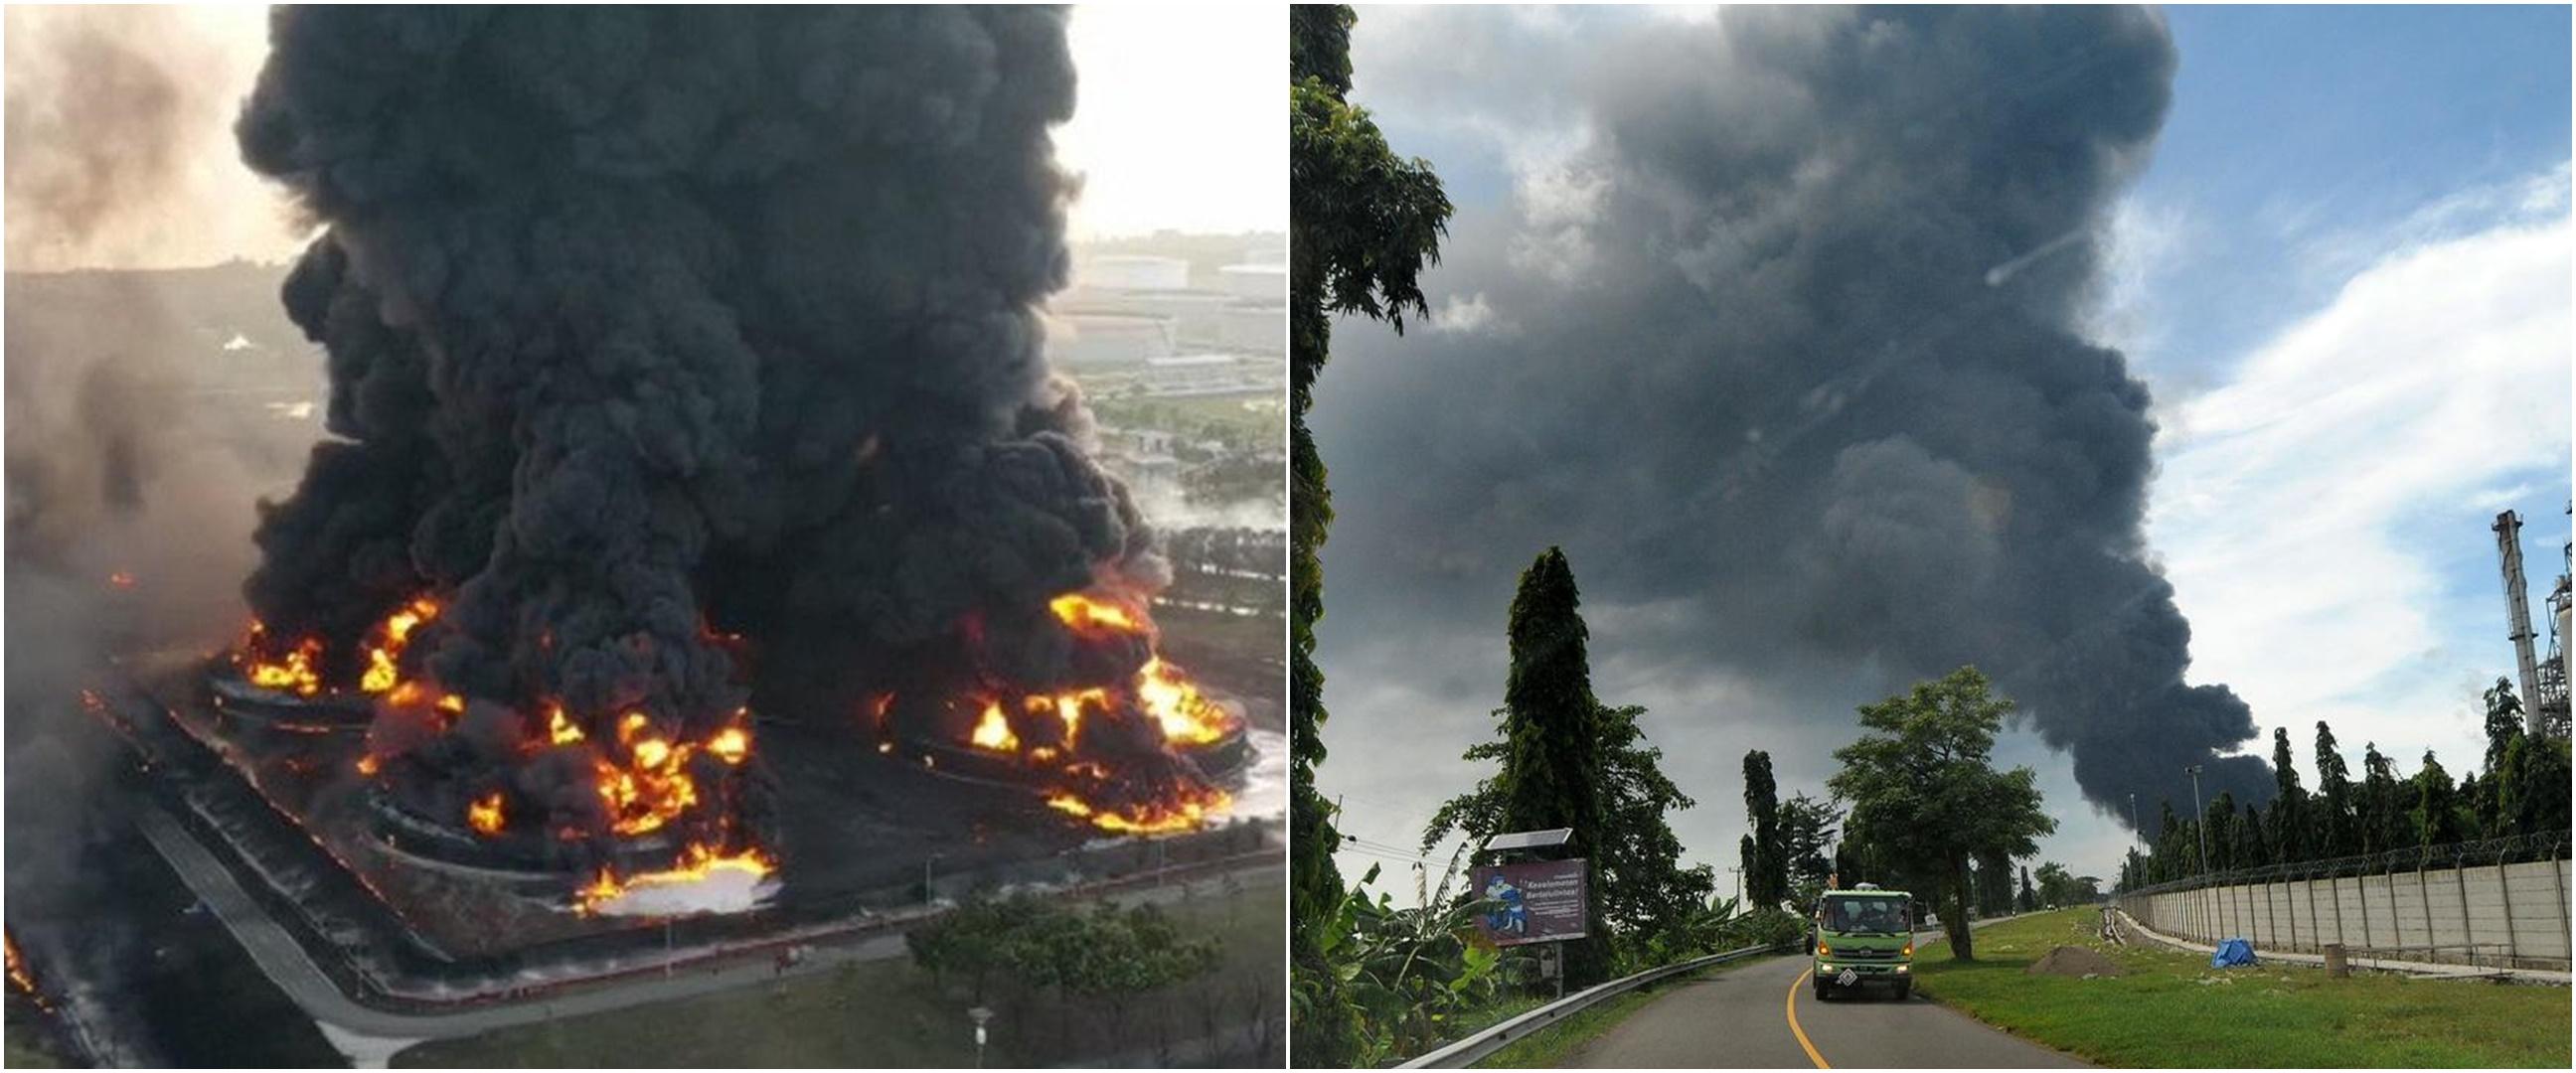 Kilang minyak Balongan Indramayu terbakar, ini 5 pernyataan Pertamina